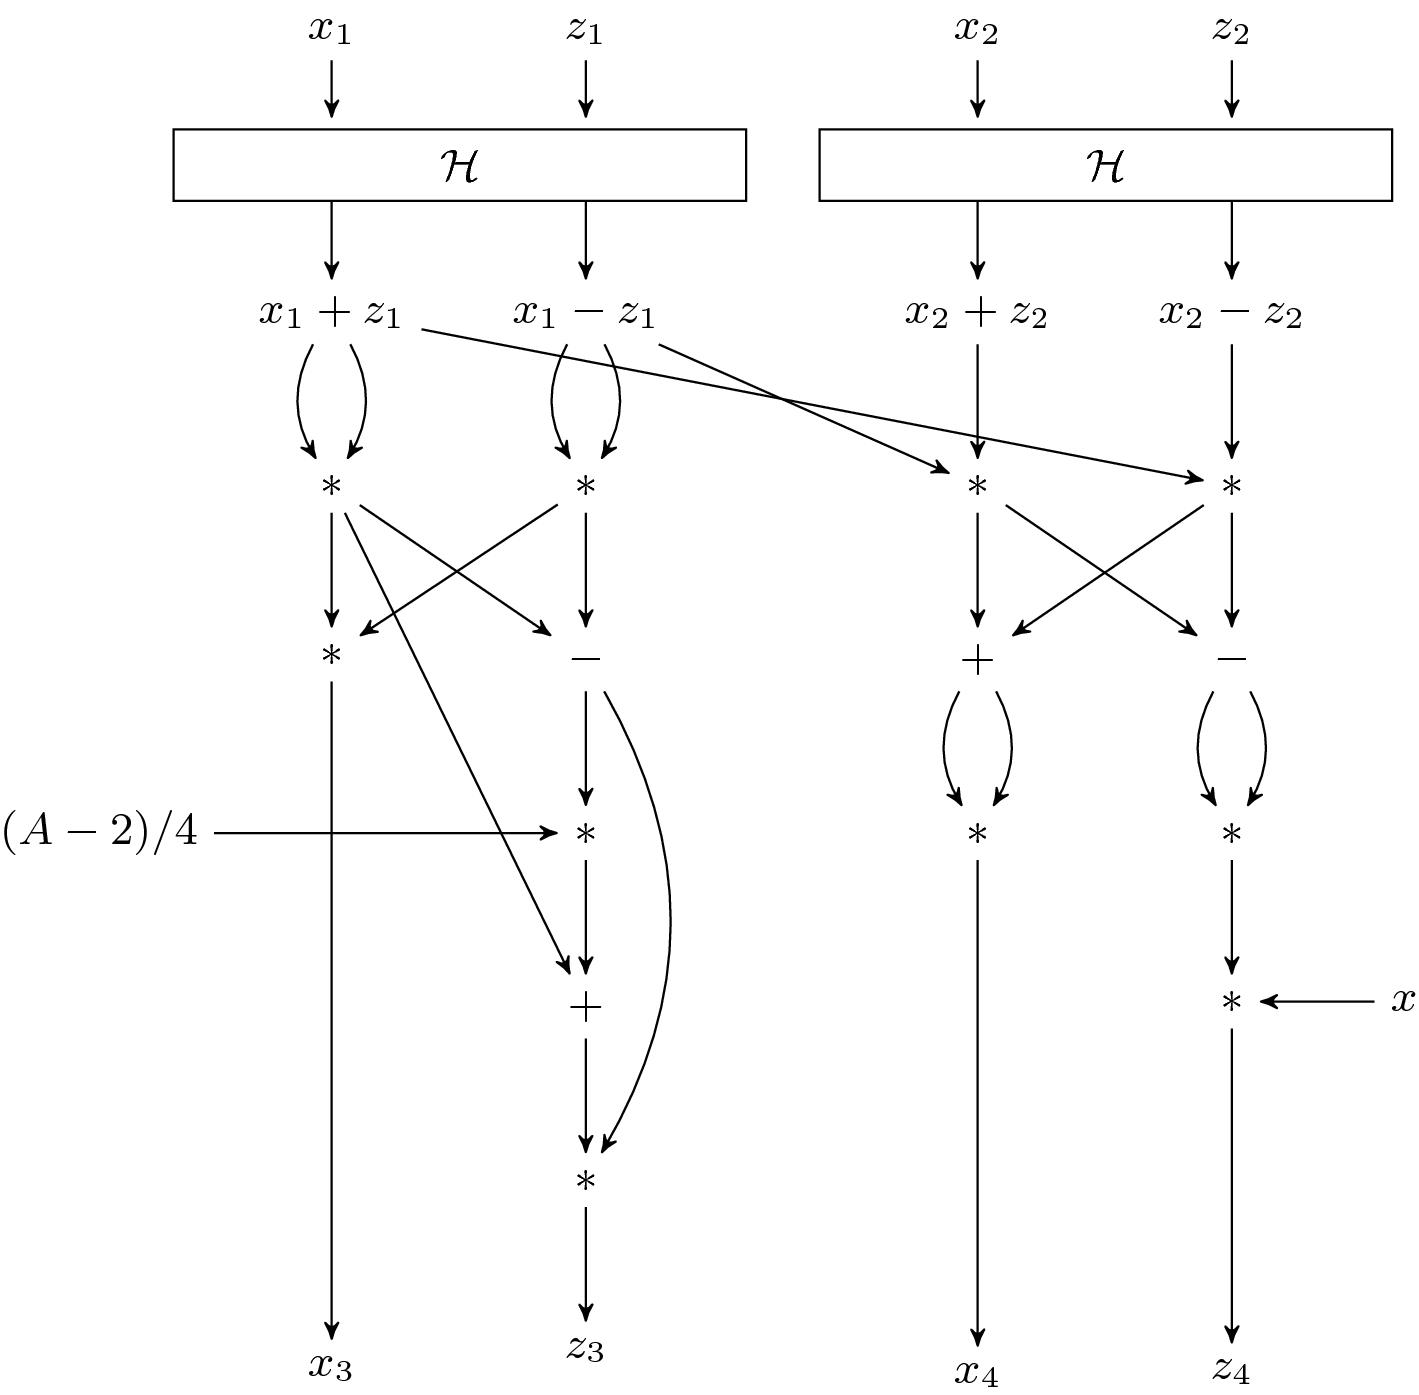 Kummer for Genus One Over Prime-Order Fields | SpringerLink